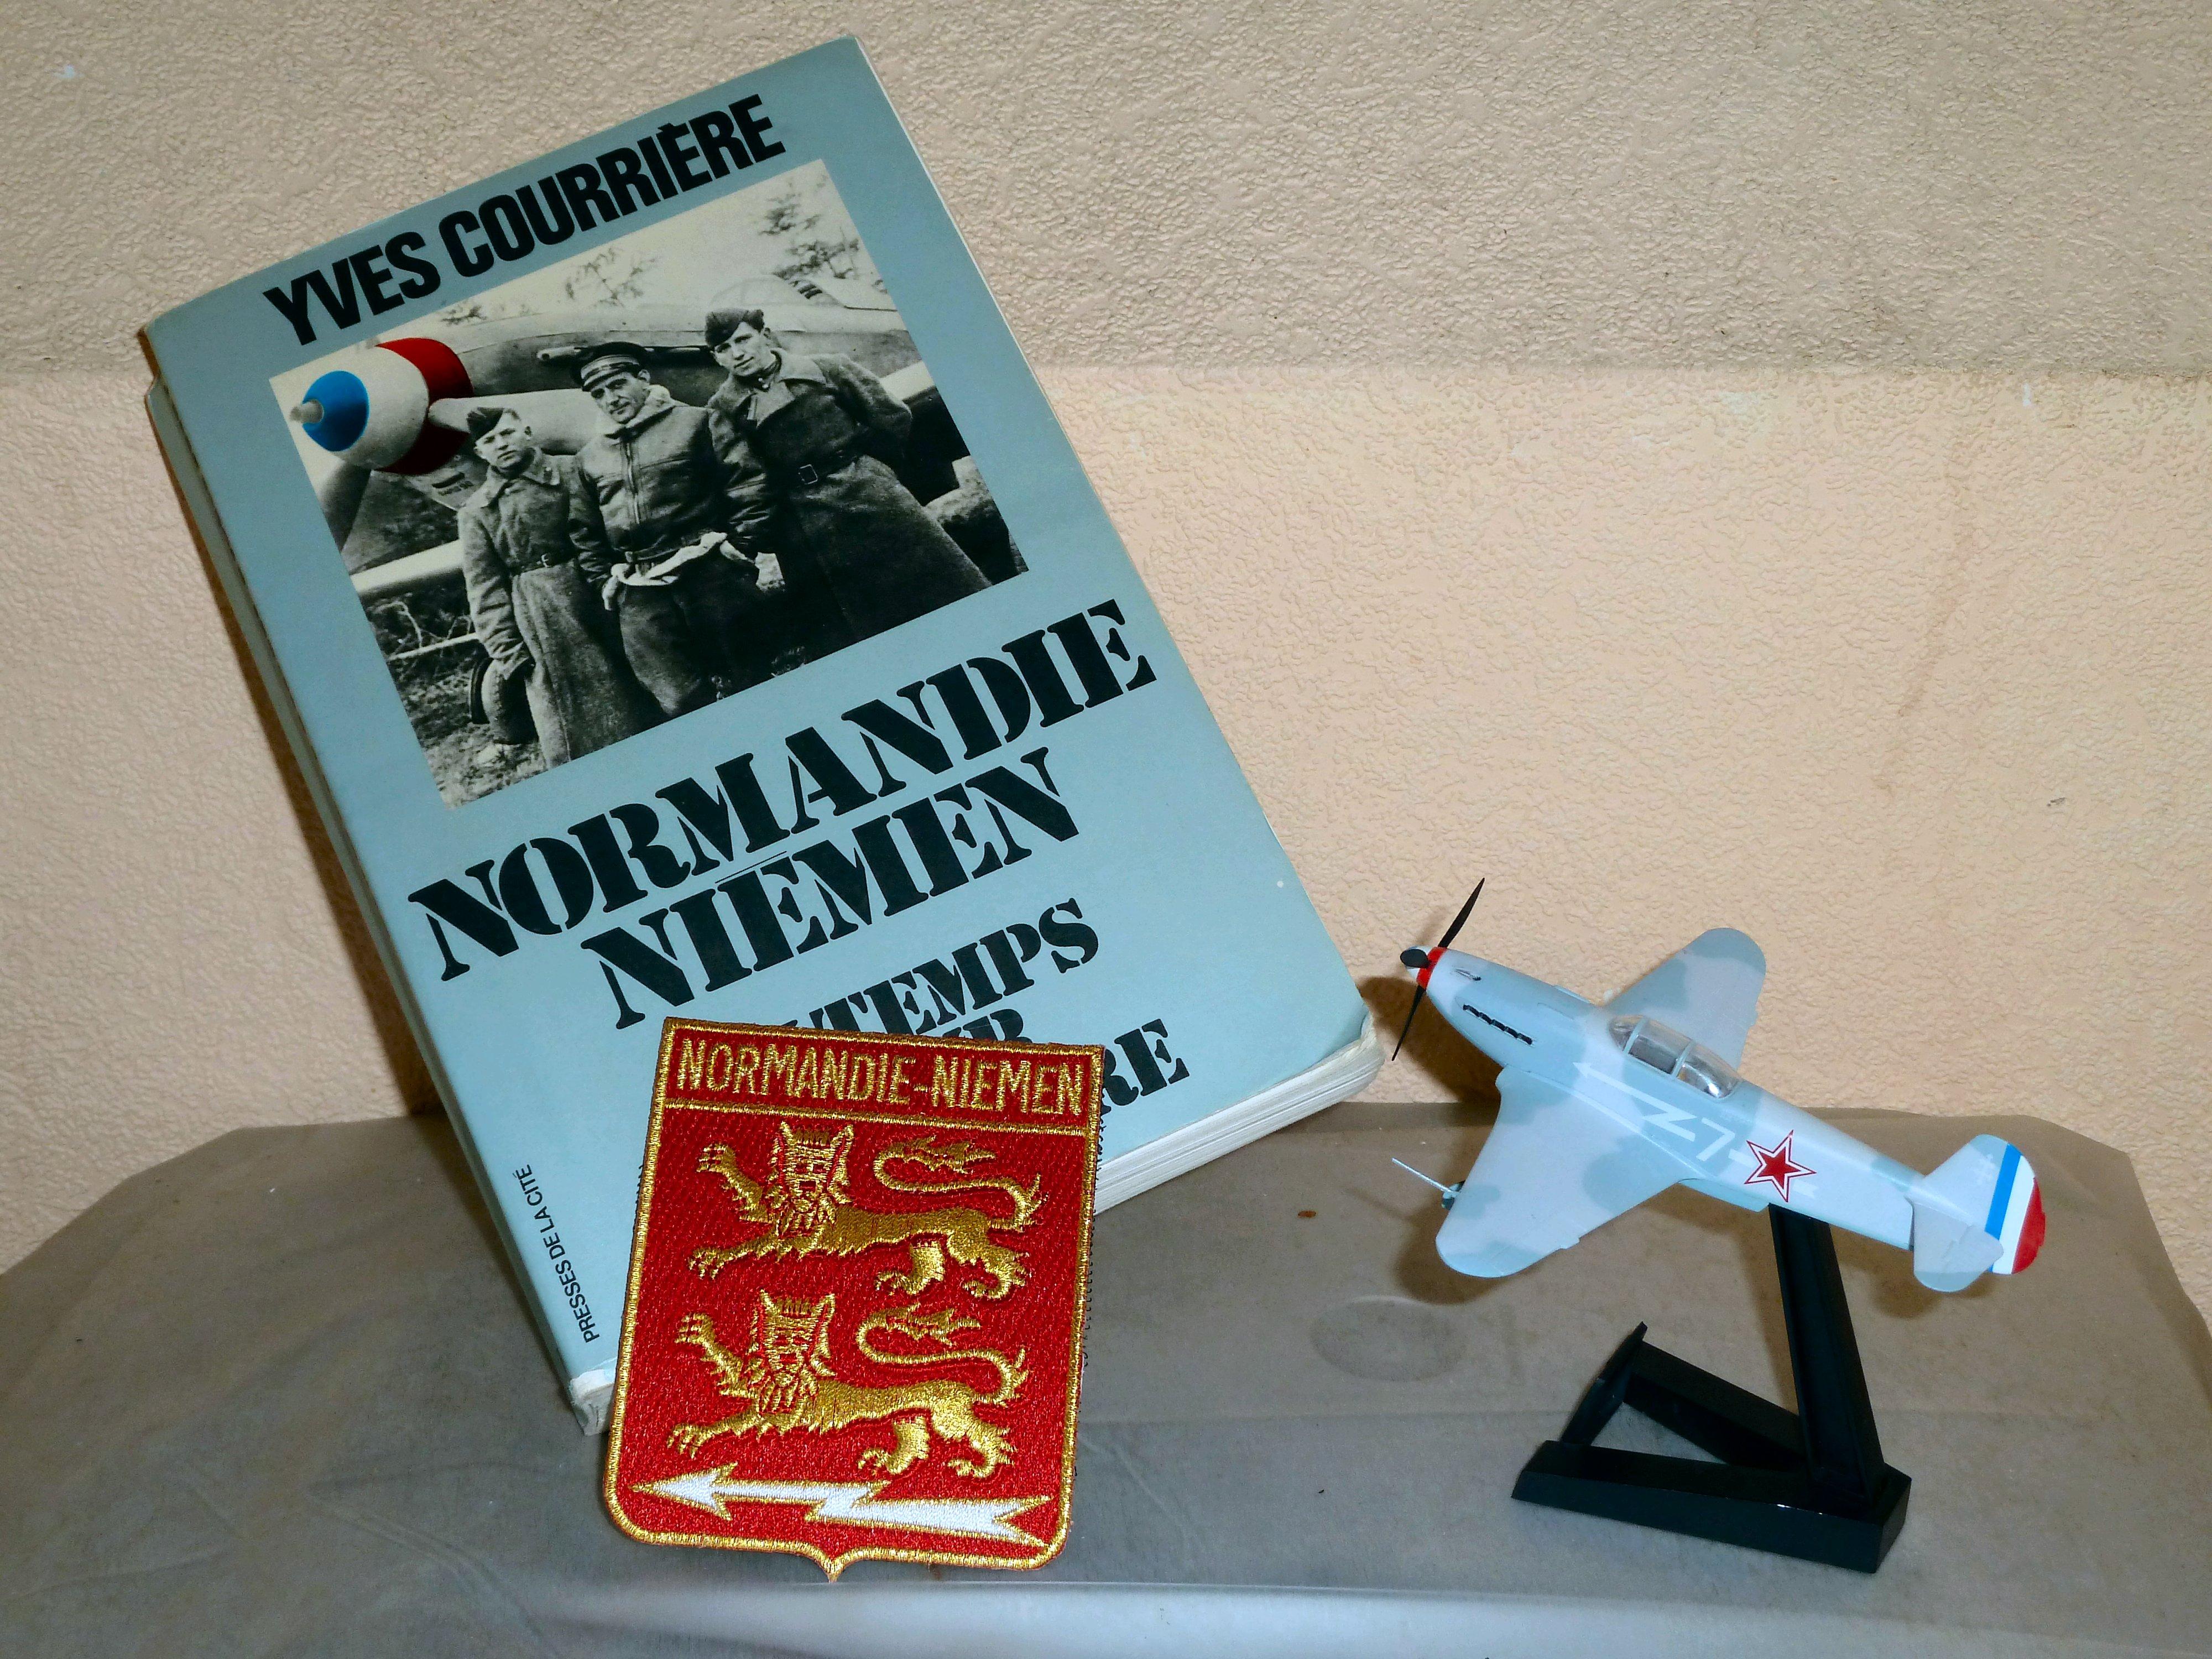 Velcro patch of the RC (Régiment de Chasse) 2/30 Normandie-Niemen